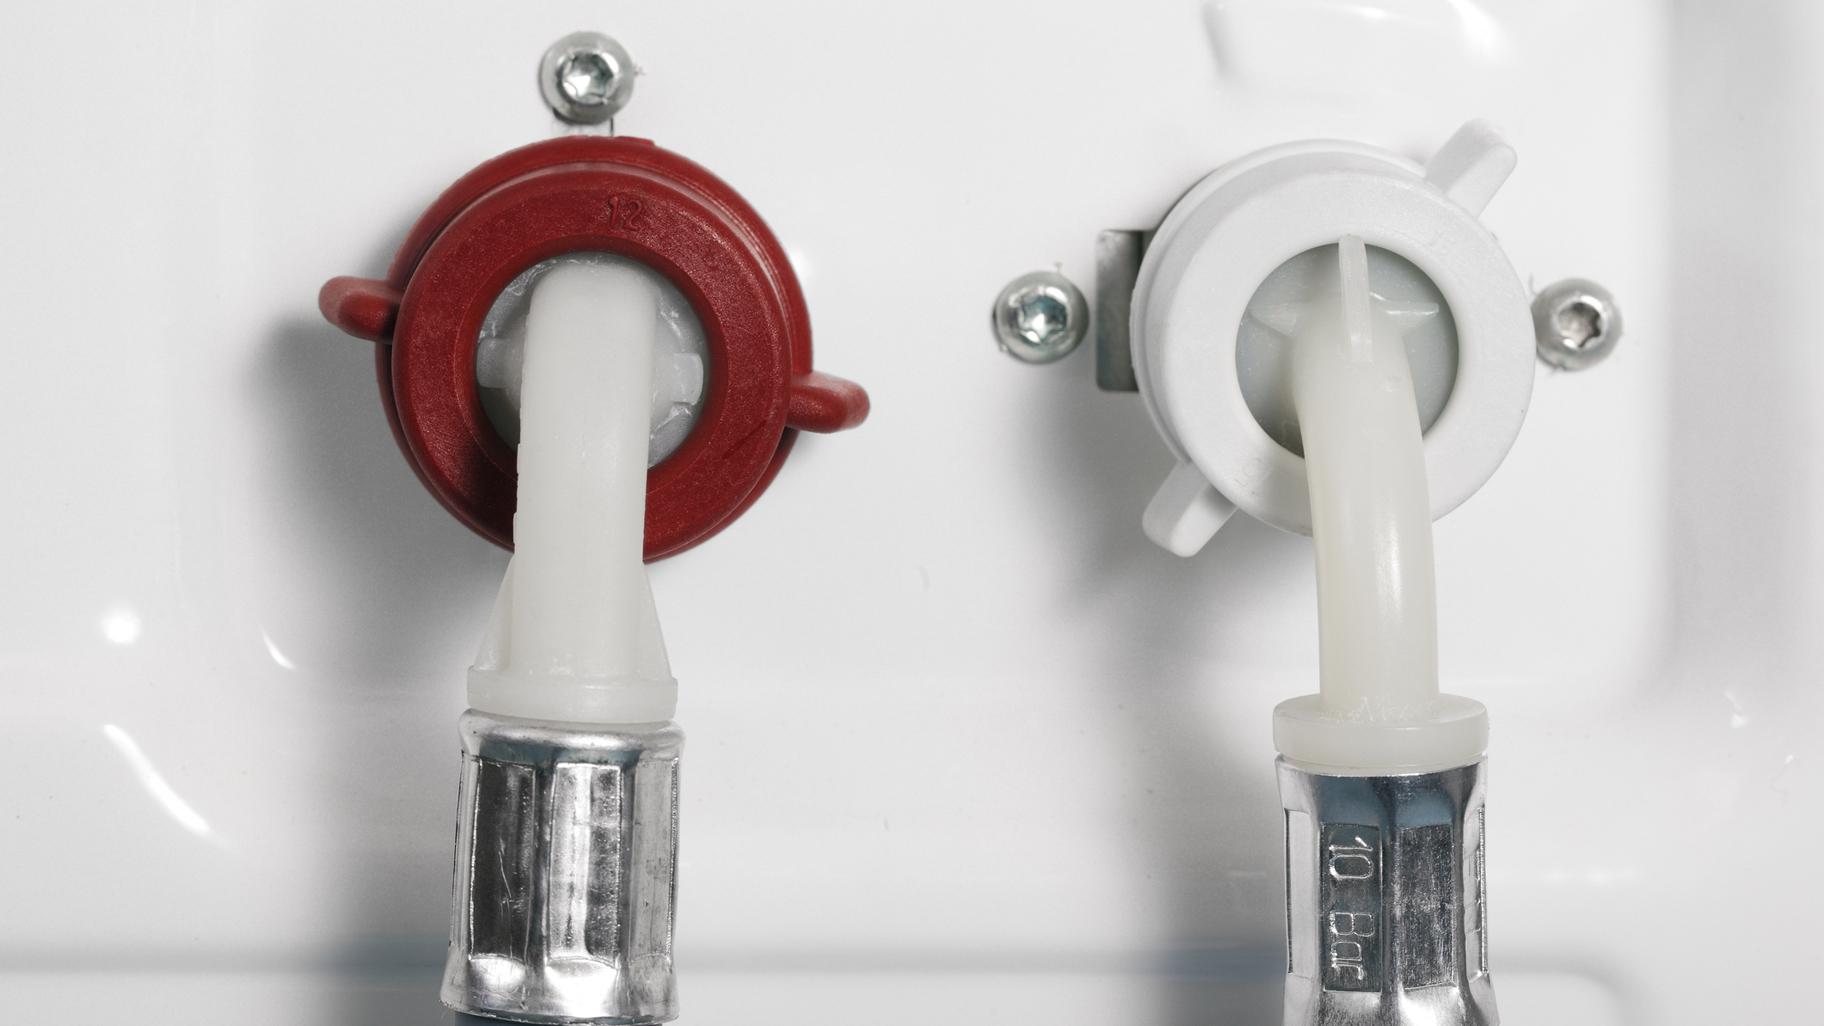 Hervorragend Waschmaschine anschließen: Mit dieser Anleitung klappt es FN18